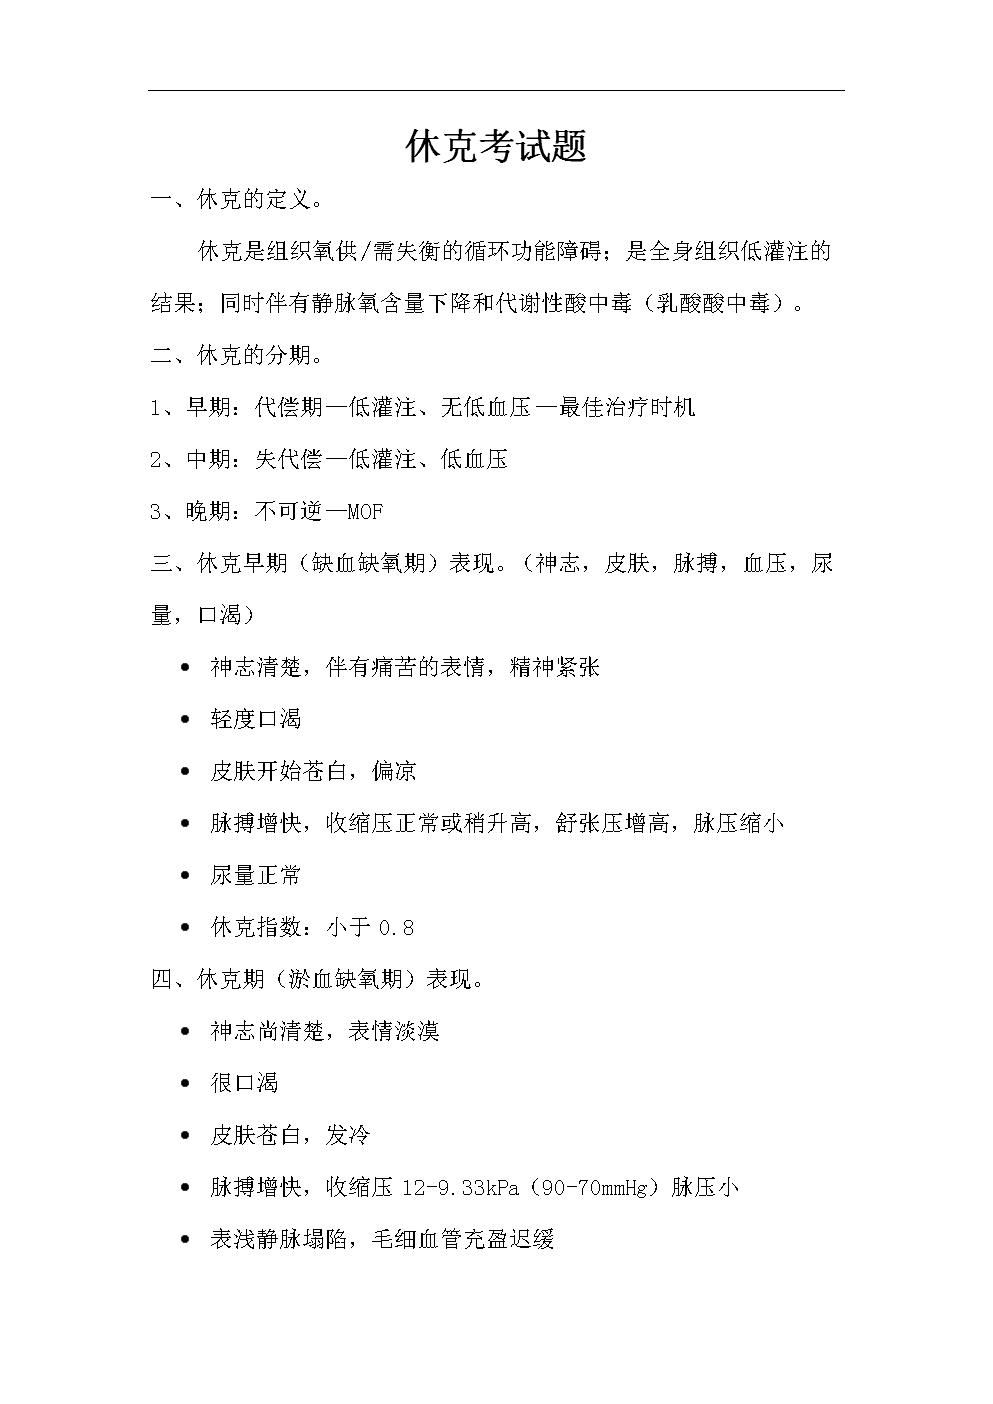 休克考试题汇总答案解析.doc